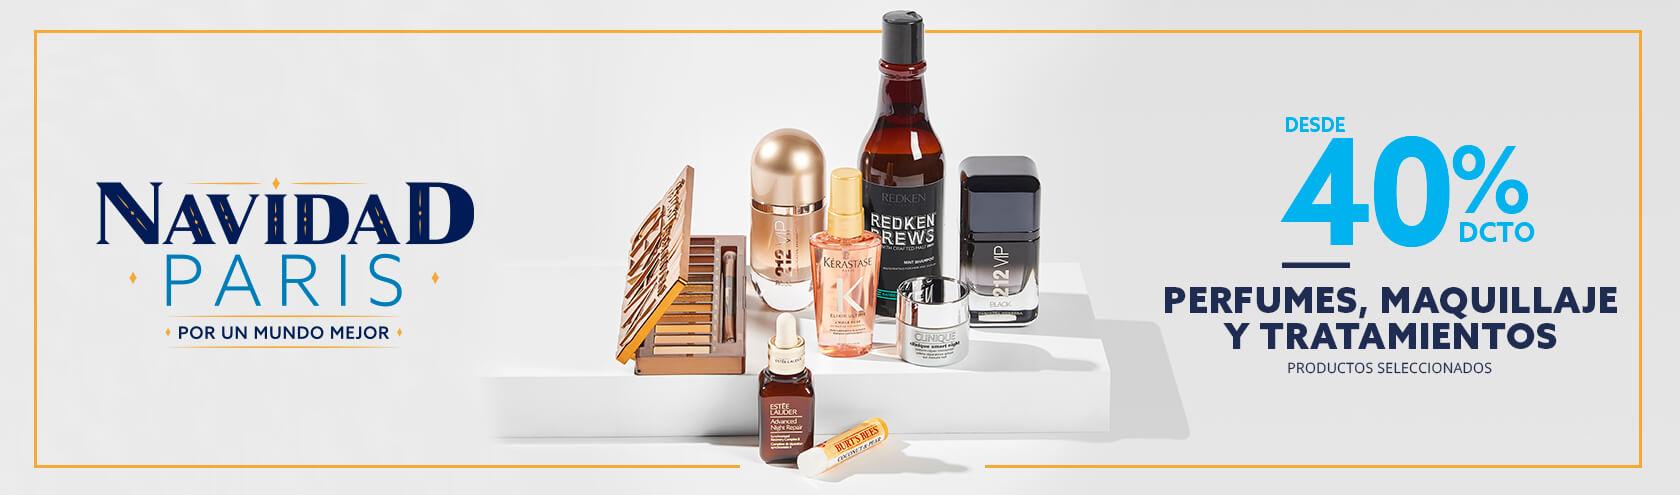 Desde 40% en Perfumes, Maquillaje y Tratamientos (Productos Seleccionados)